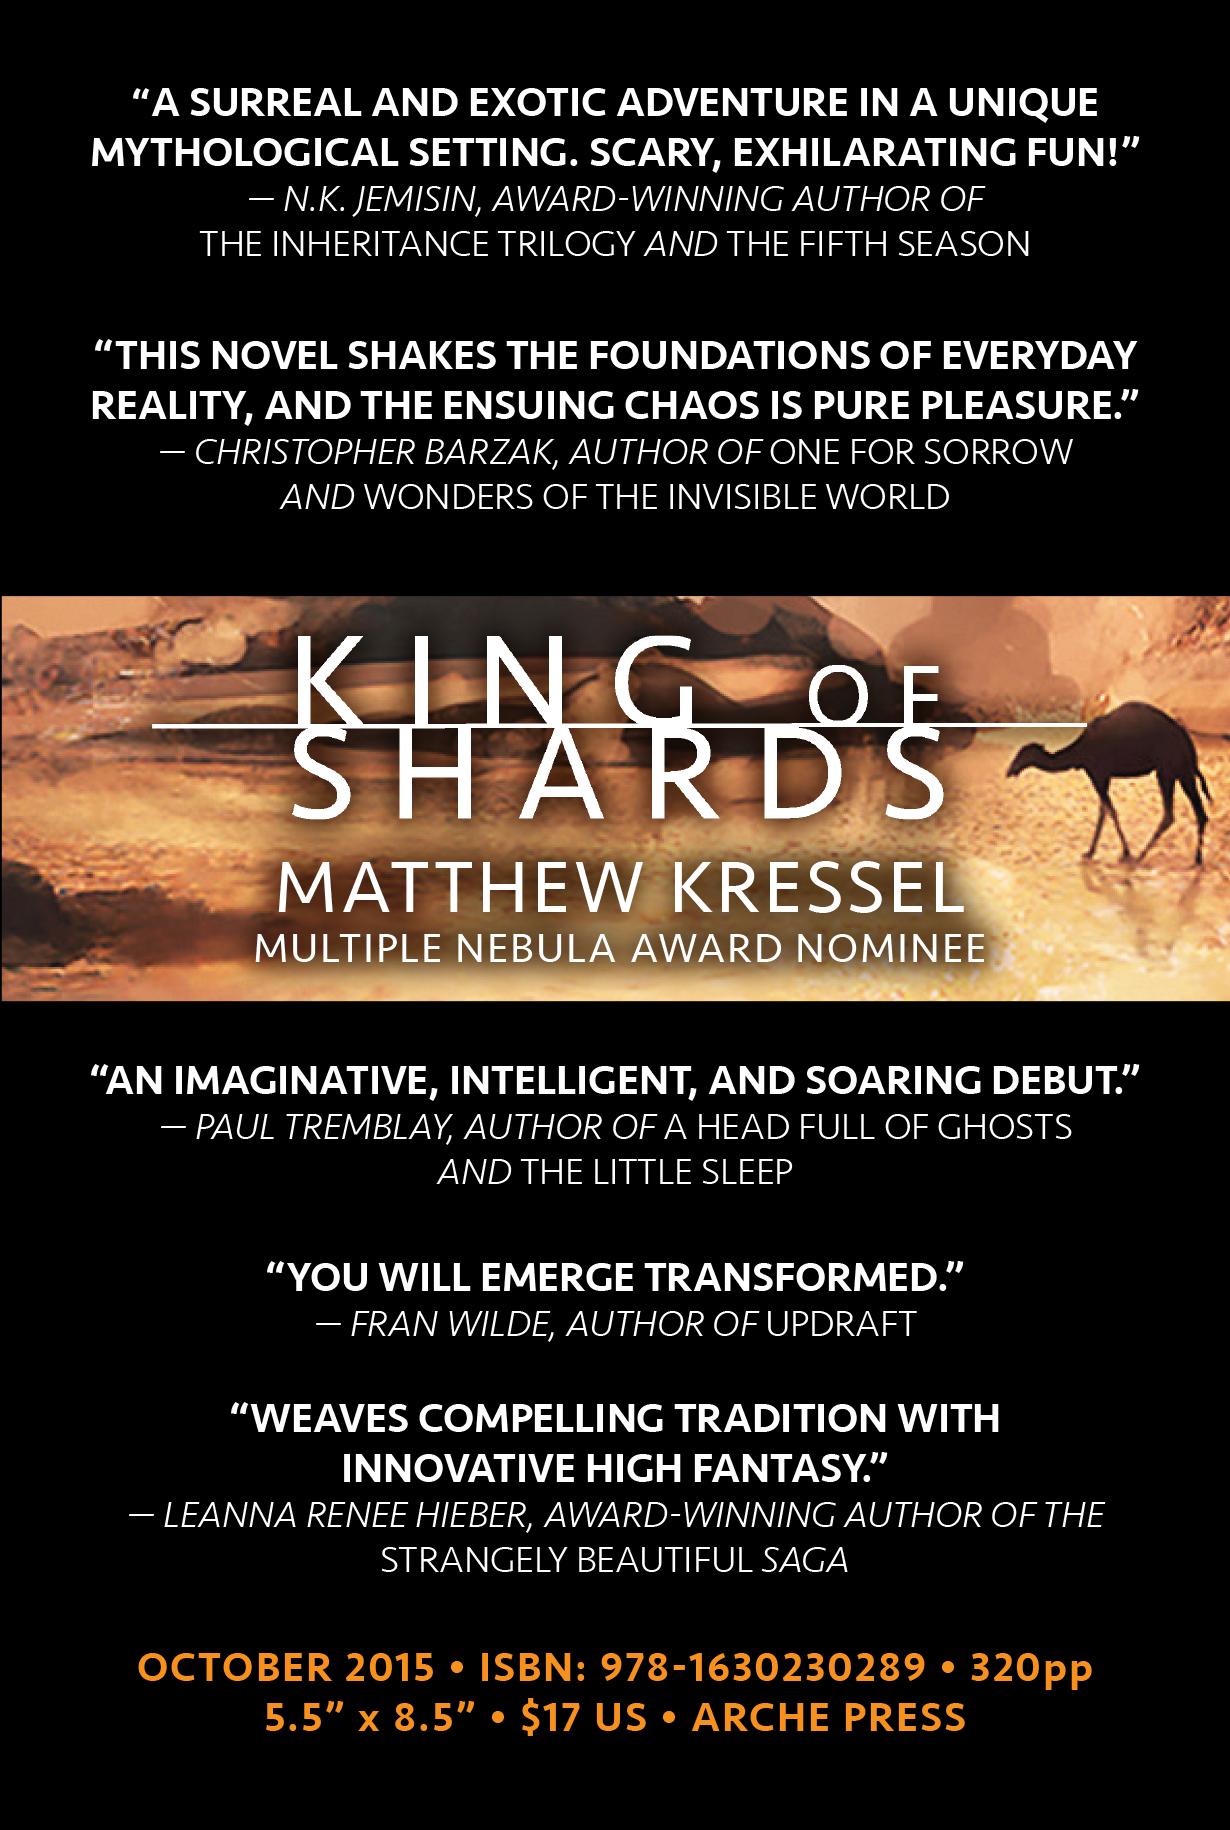 King of Shards - Flyer Back